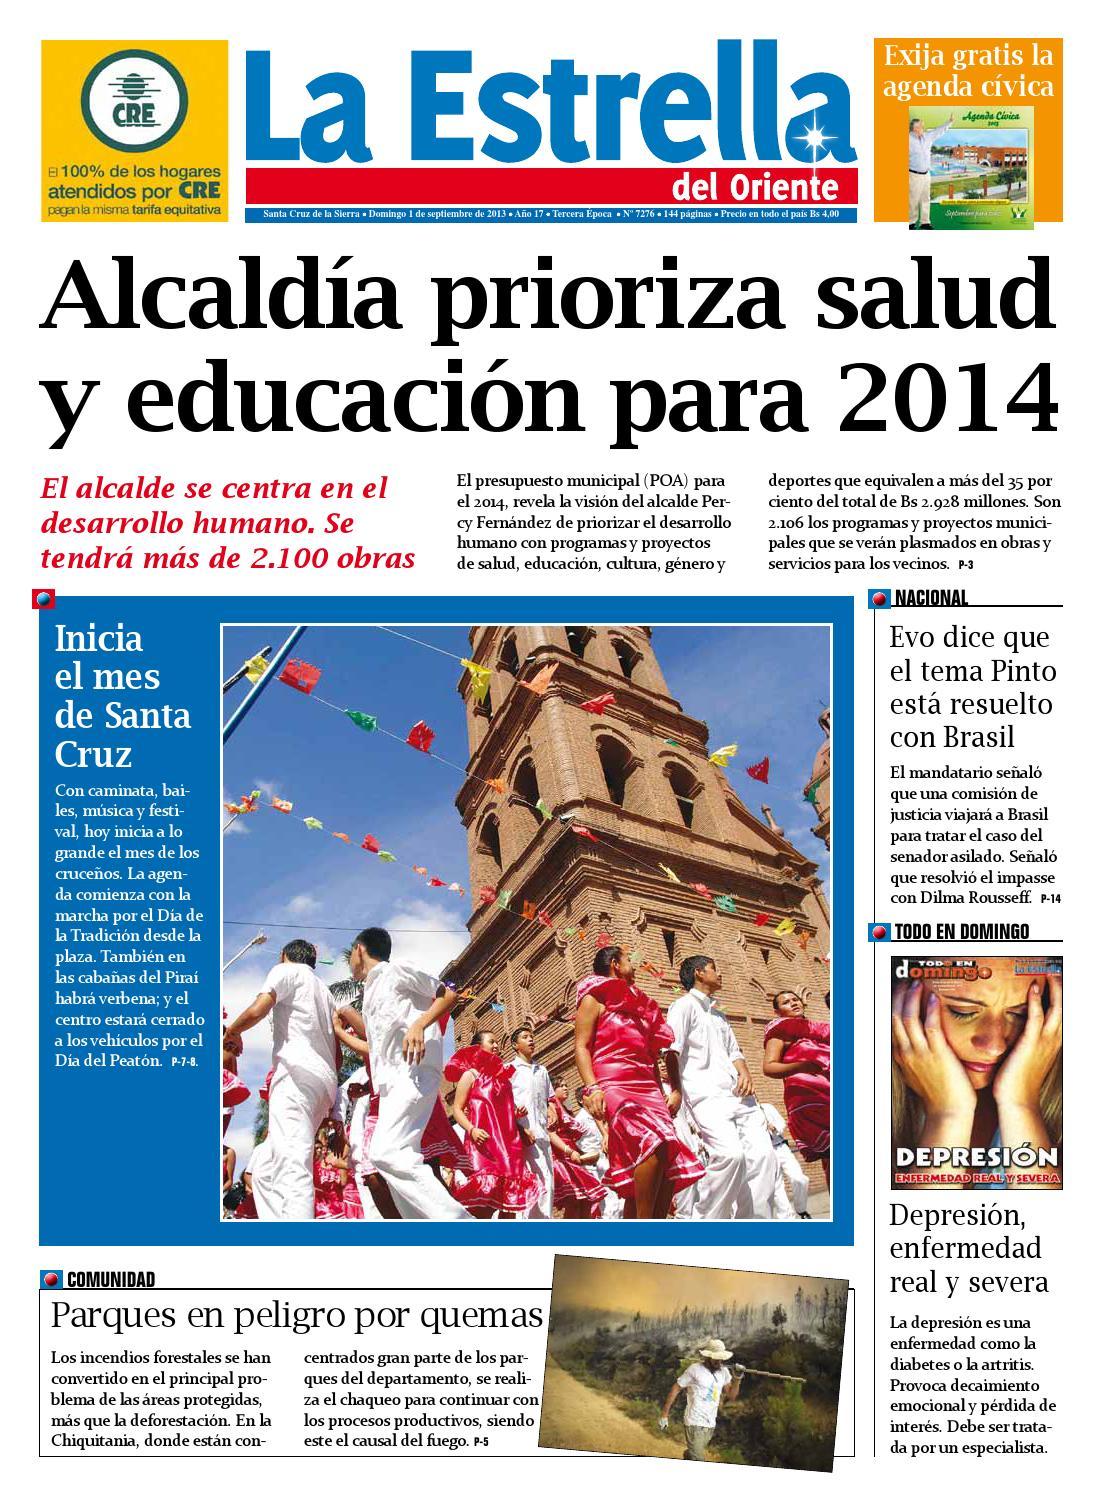 Edicion 01 09 2013 by La estrella del oriente - issuu